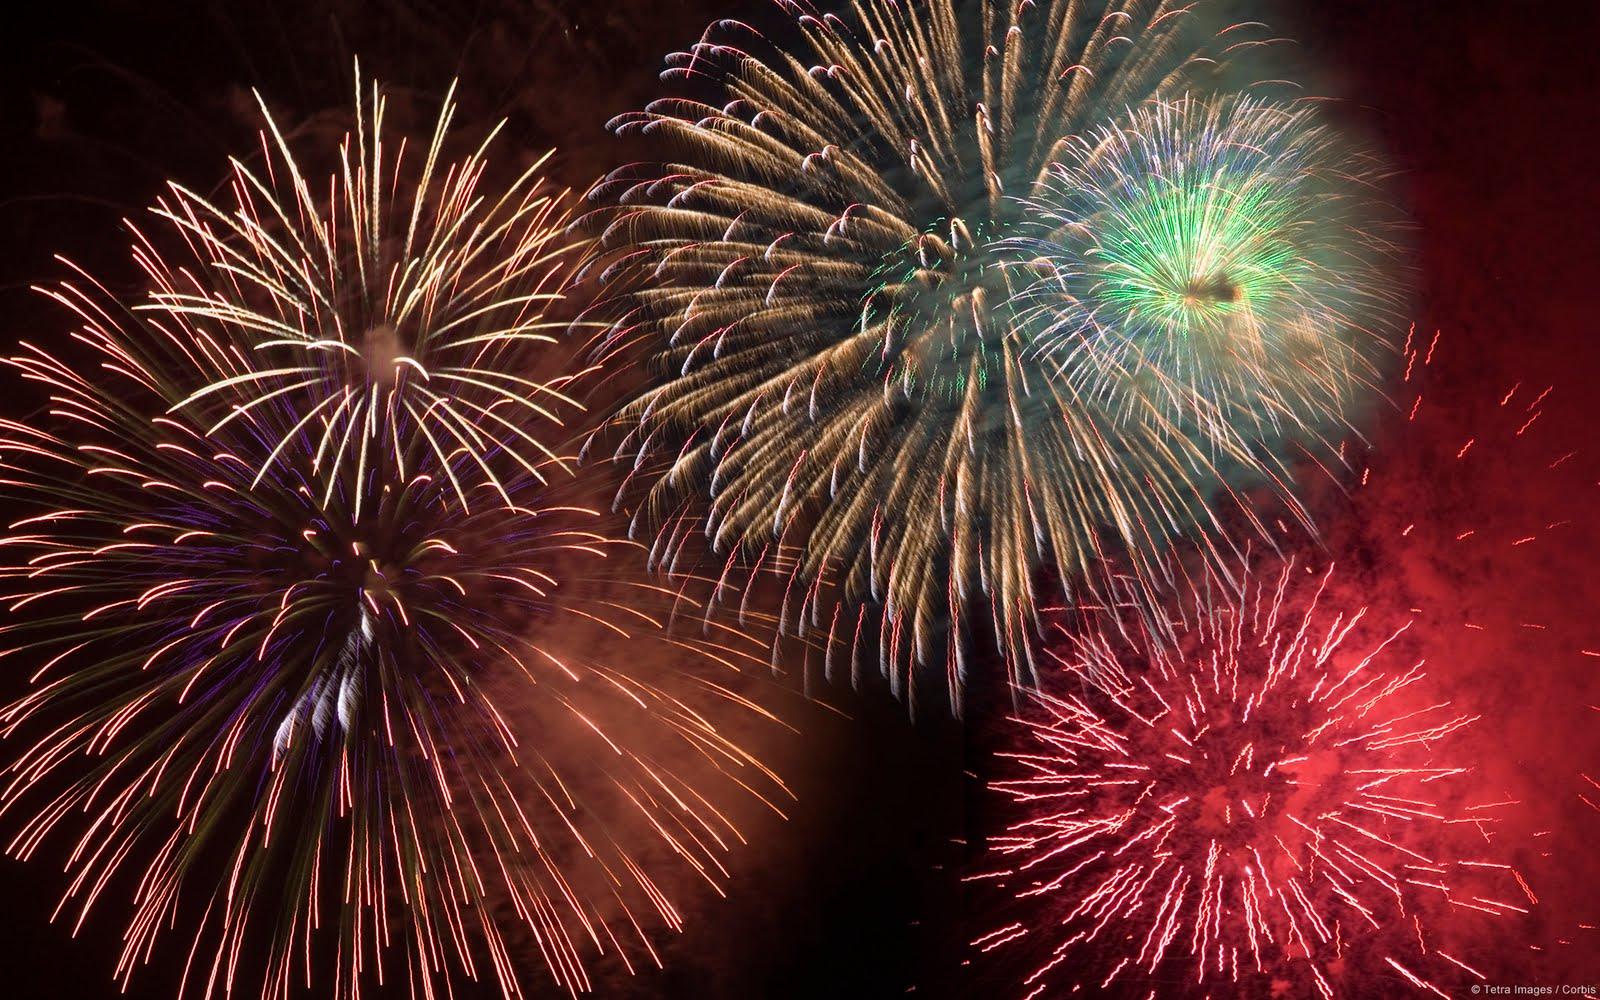 Wallpaper Firework Download Wallpaper DaWallpaperz 1600x1000